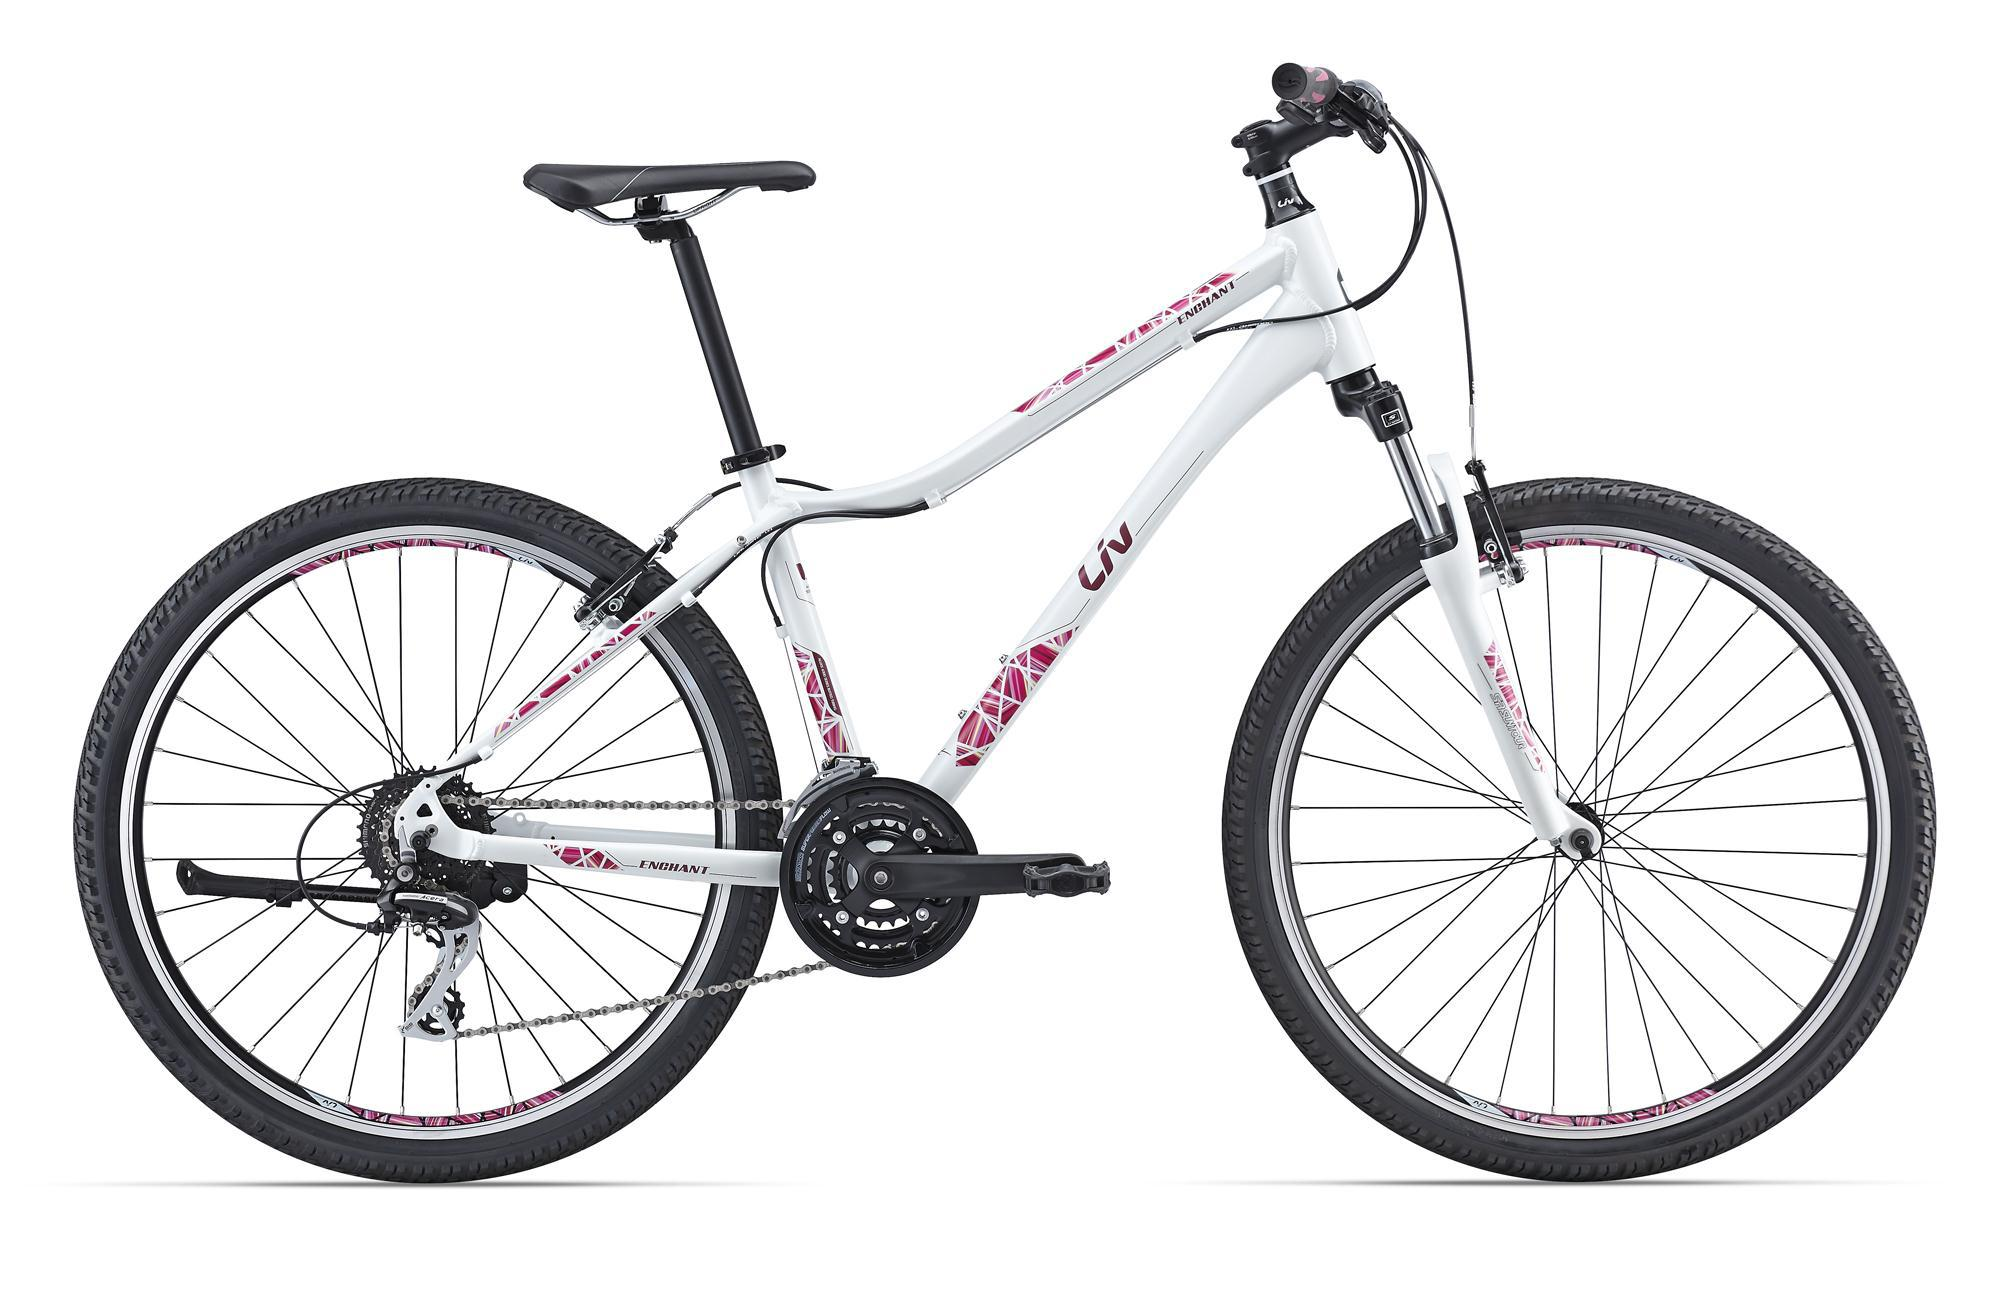 Giant Enchant 1 (2016)Горные<br>Женский велосипед – то всегда так сложно, потому что хорошу работу всех компонентов нужно совместить с удобством и красивым внешним видом. И у Giant то отлично получаетс – модель Enchant 1 со специальной женской геометрией Liv получилась универсальной, комфортной в лбых услових и очень стильной.<br>Этот велосипед будет отлично вести себ на бездорожье благодар амортизационной вилке с блокировкой, на нем легко проезжаетс местность с лбым рельефом, поскольку он оснащен 24-скоростной трансмиссией, прочные двойные обода простт жесткие заезды на прептстви, а в городе он способен подарить хозйке море притных мгновений – его внедорожна сущность отлично сочетаетс с накатом и резвость. Не верите? Попробуйте сами!<br>